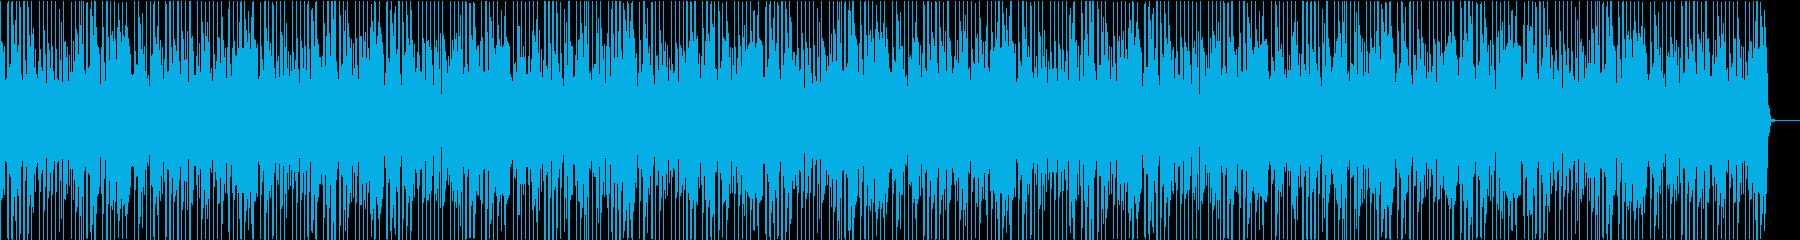 ダンジョン・怪しい雰囲気・探偵・調査の再生済みの波形